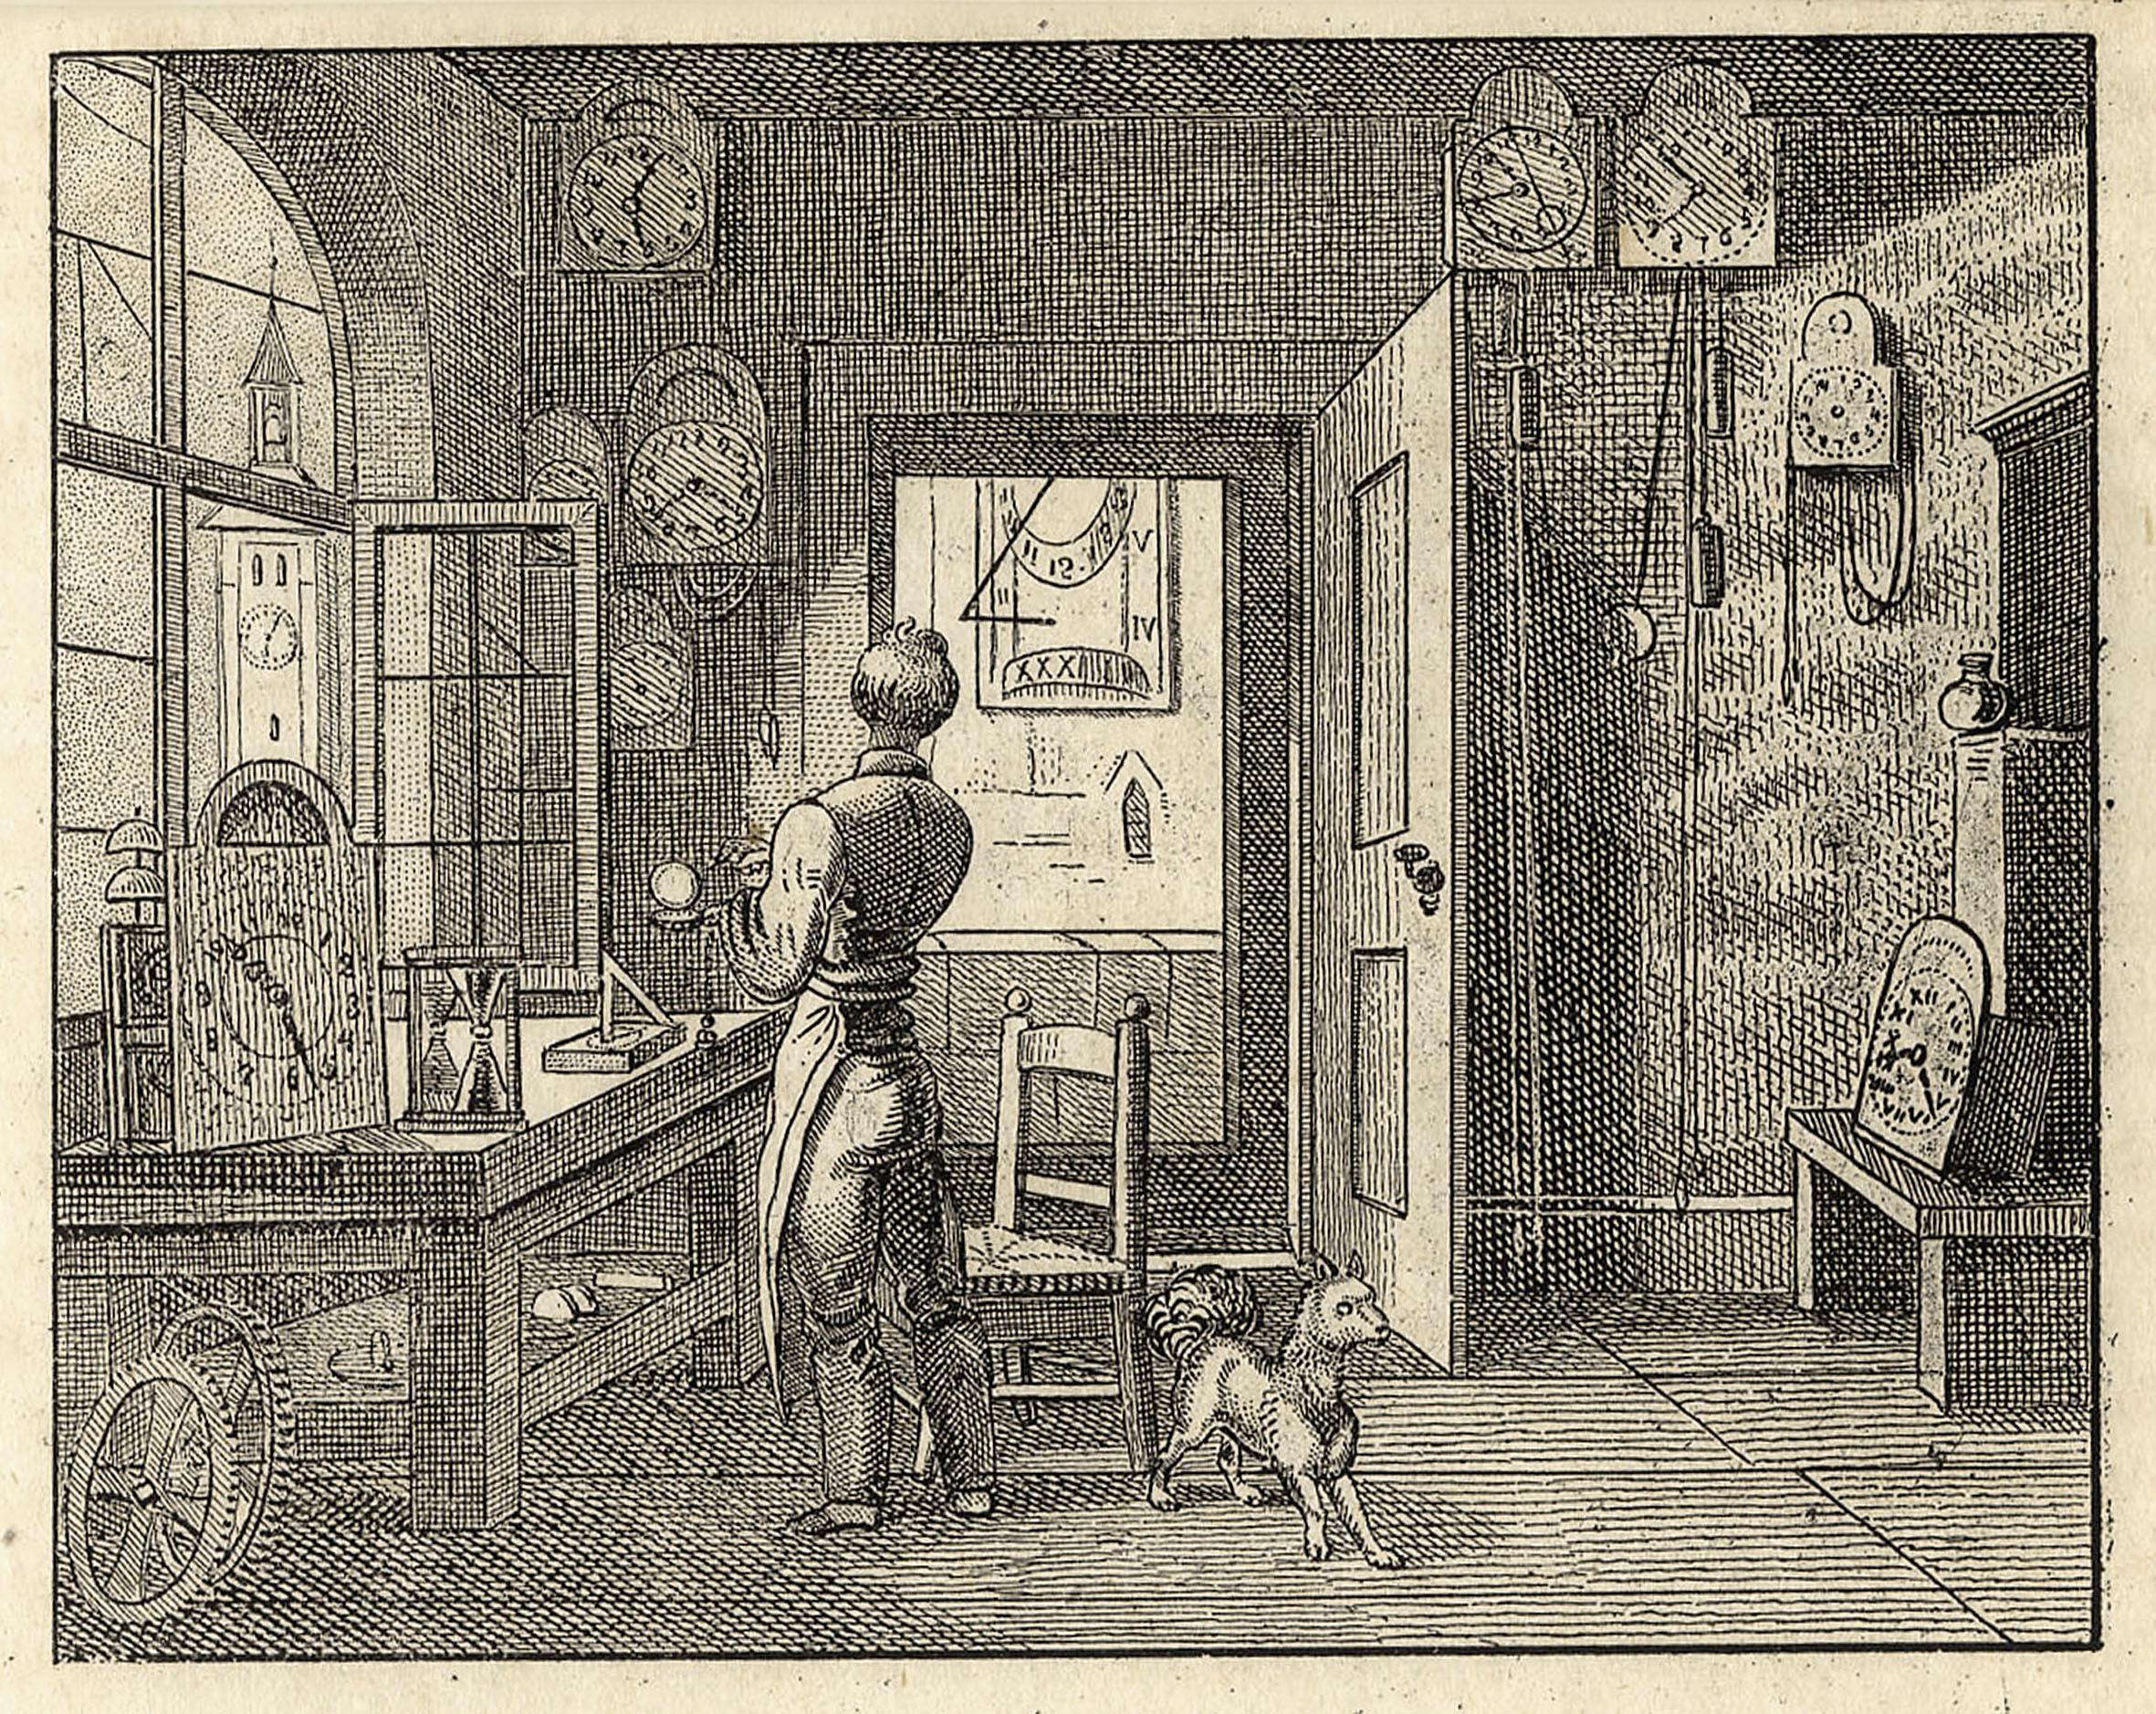 Pendeluhr, Uhrmacher in seiner Werkstatt.: UHRMACHER: